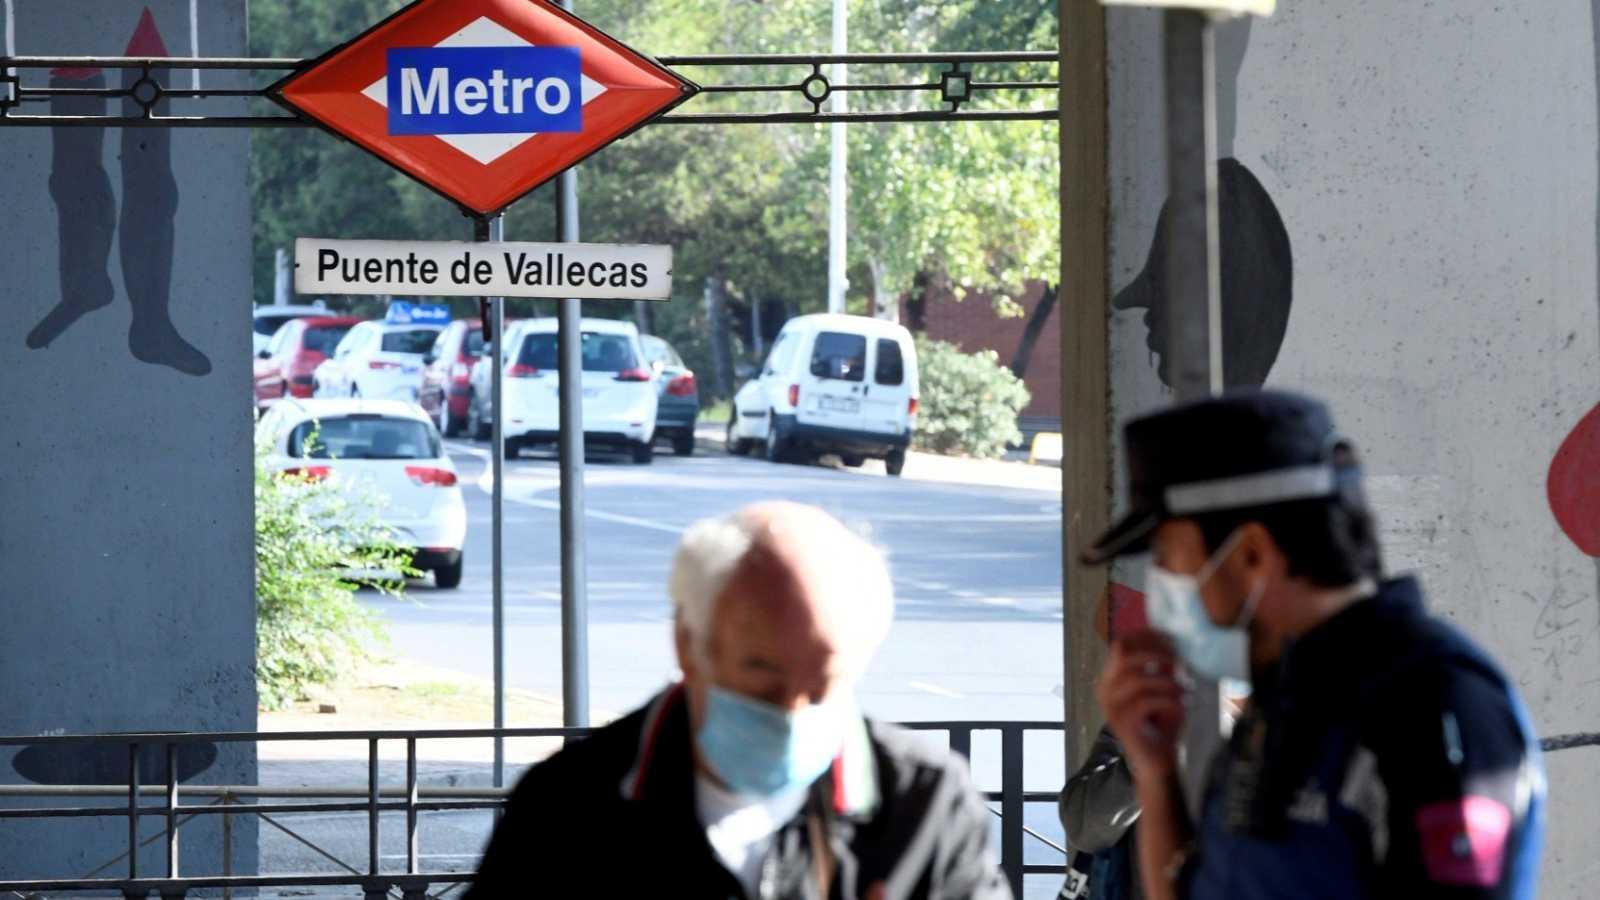 Efectivos de la Policía Local realizan controles en Puente de Vallecas